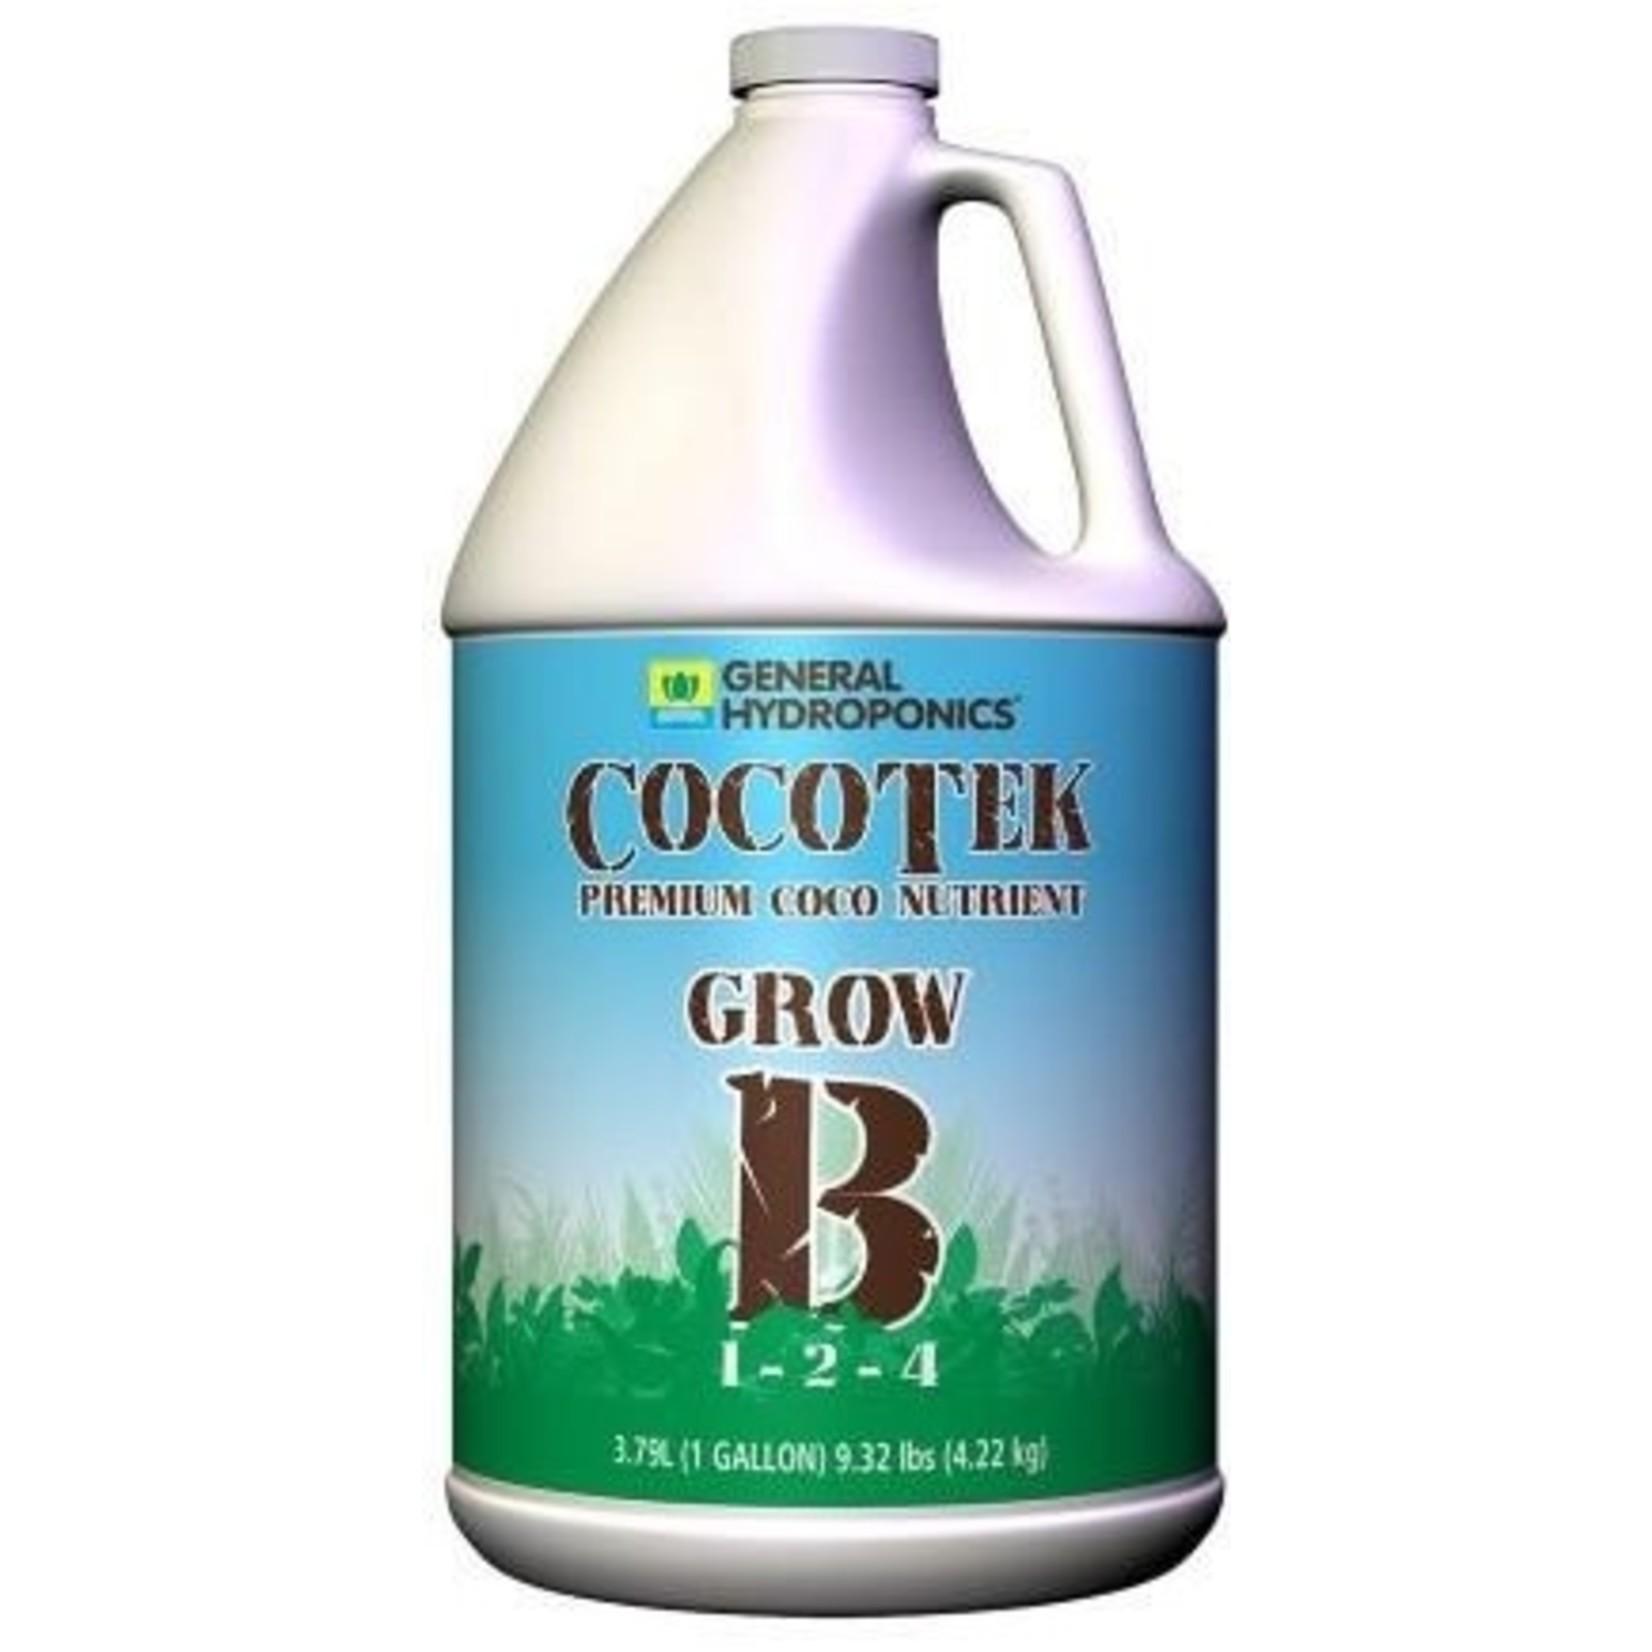 General Hydroponics COCOTEK GROW B 4L